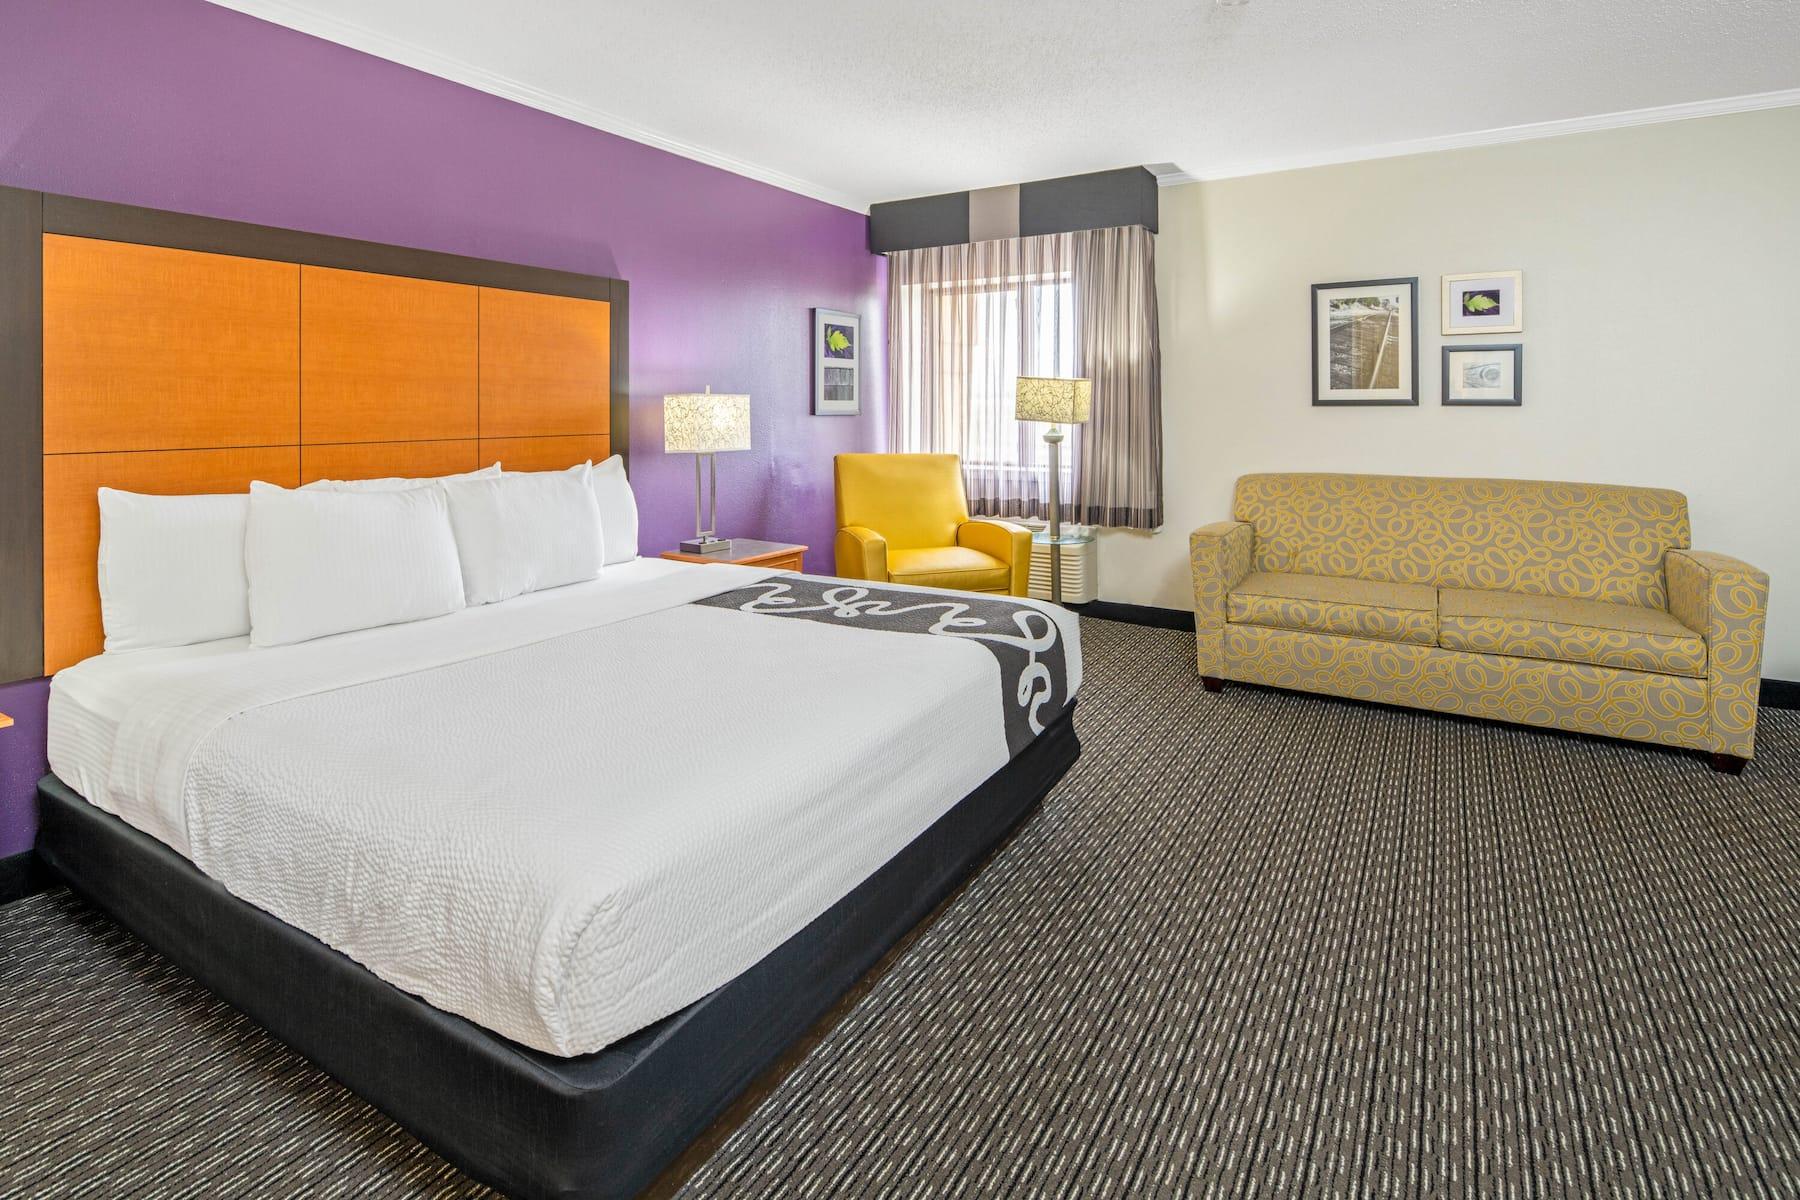 La Quinta Inn Amp Suites By Wyndham Baton Rouge Siegen Lane